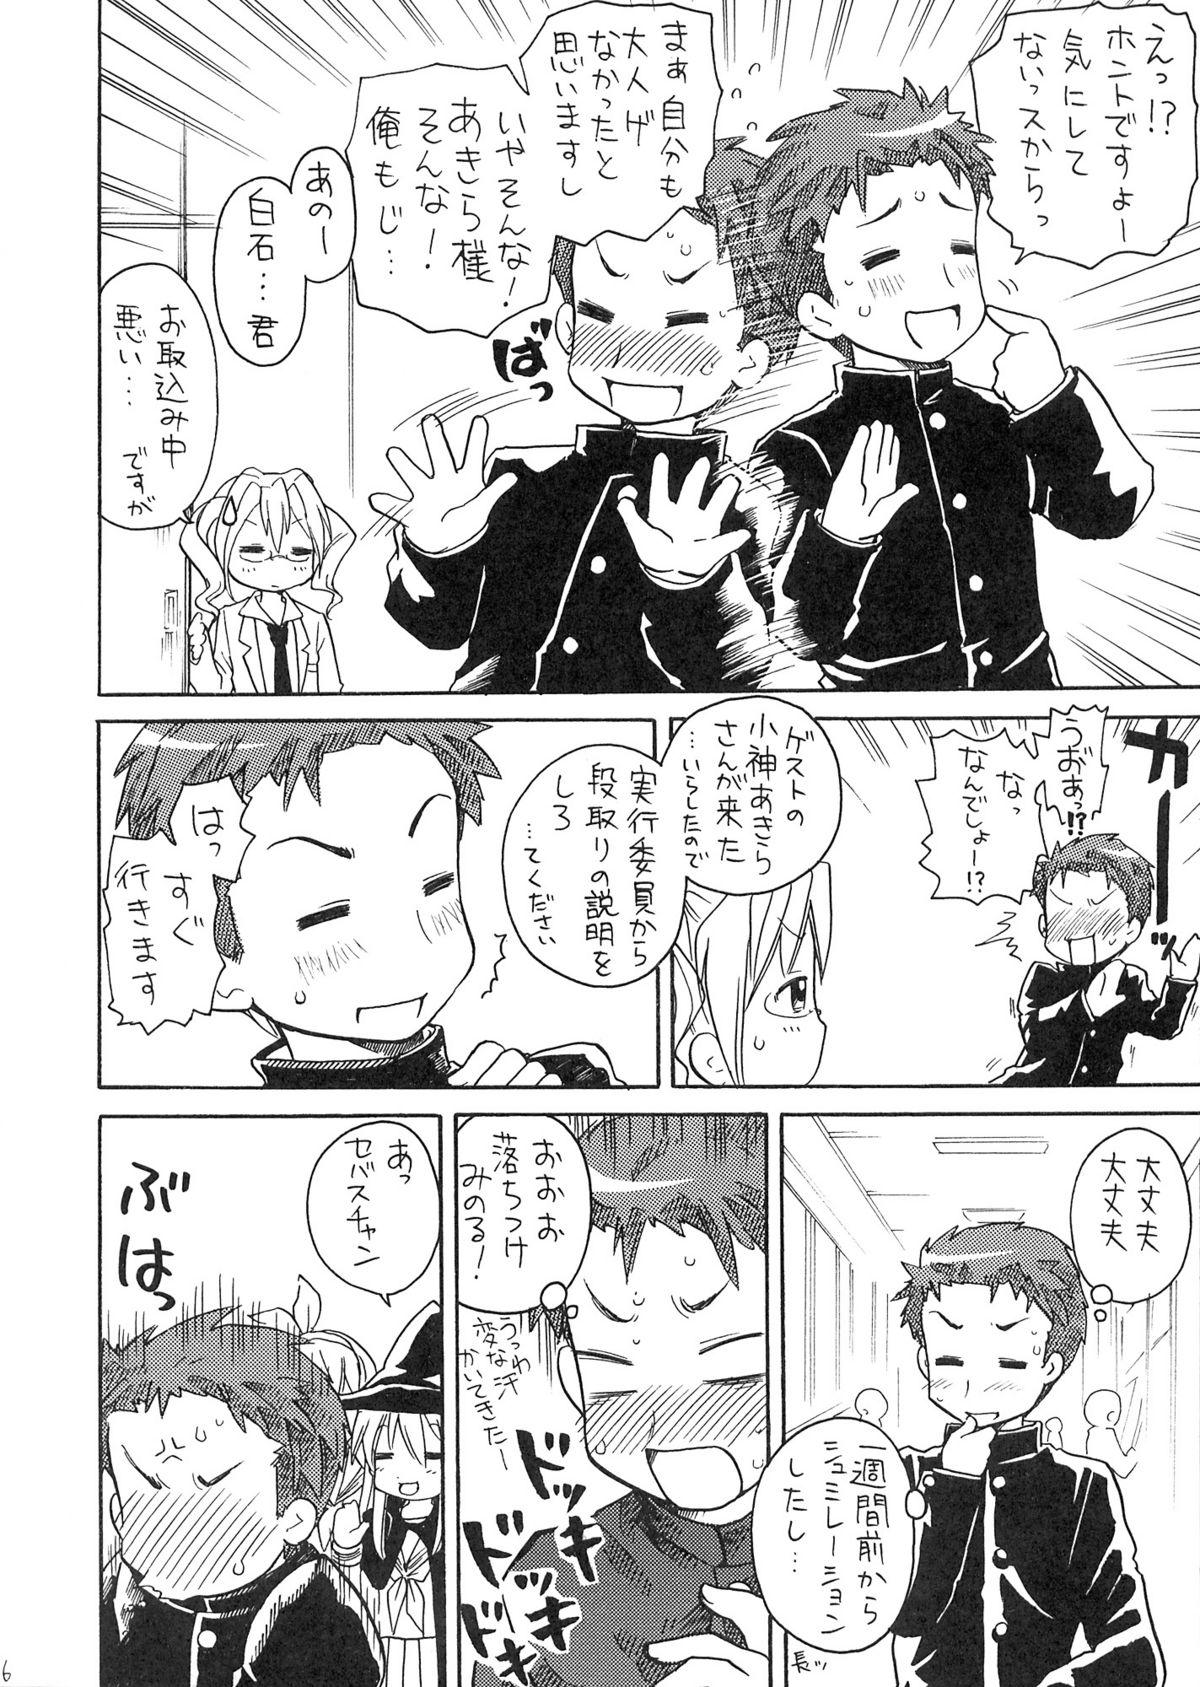 Akira-sama no Yuuutsu 5